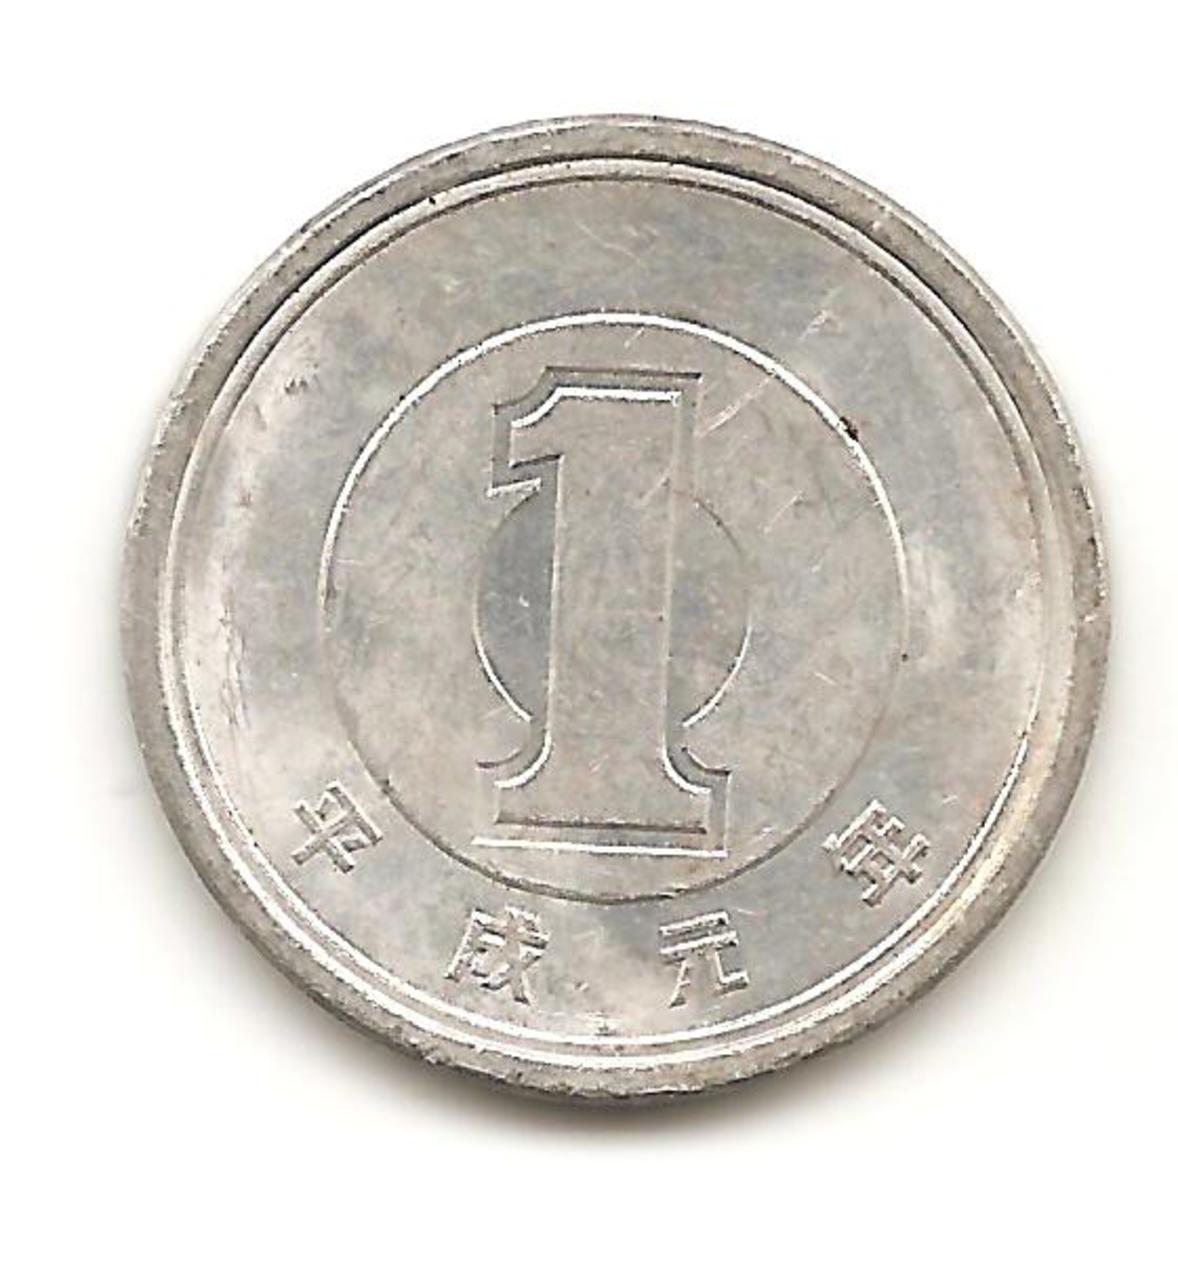 1 yen Japon Image